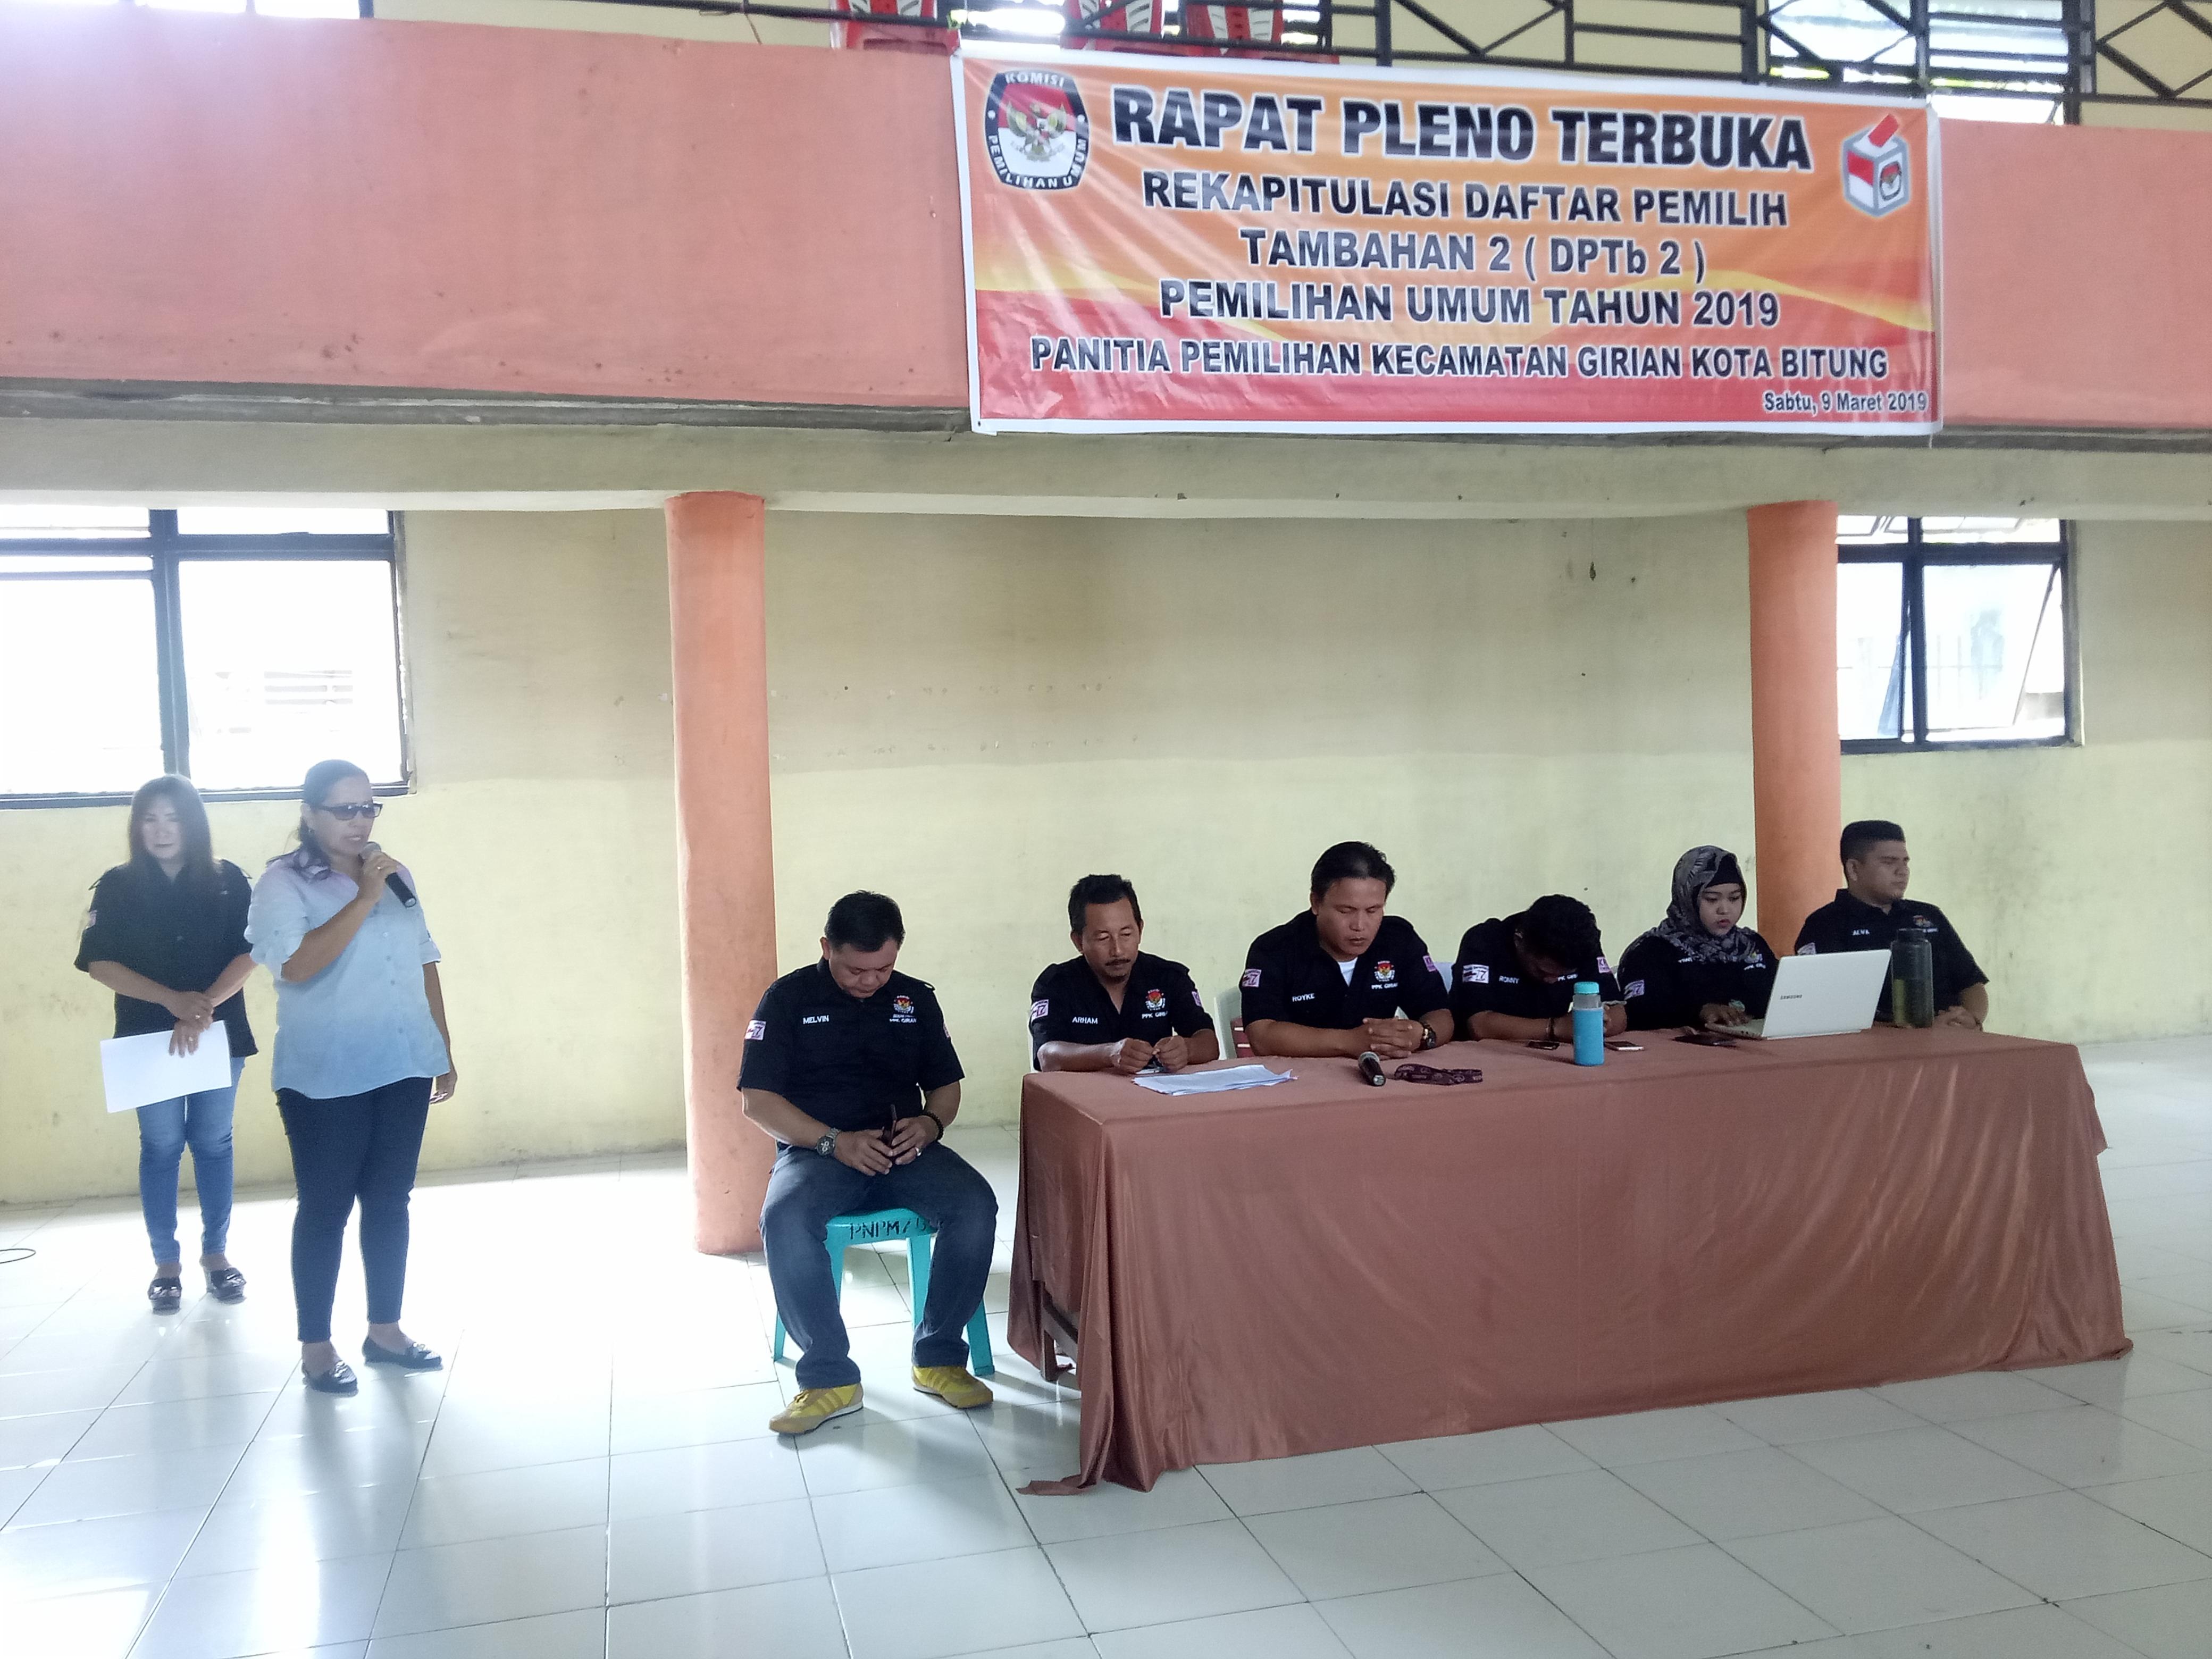 Rompas Buka Rapat Pleno DPTb 2 PPK Kecamatan Girian